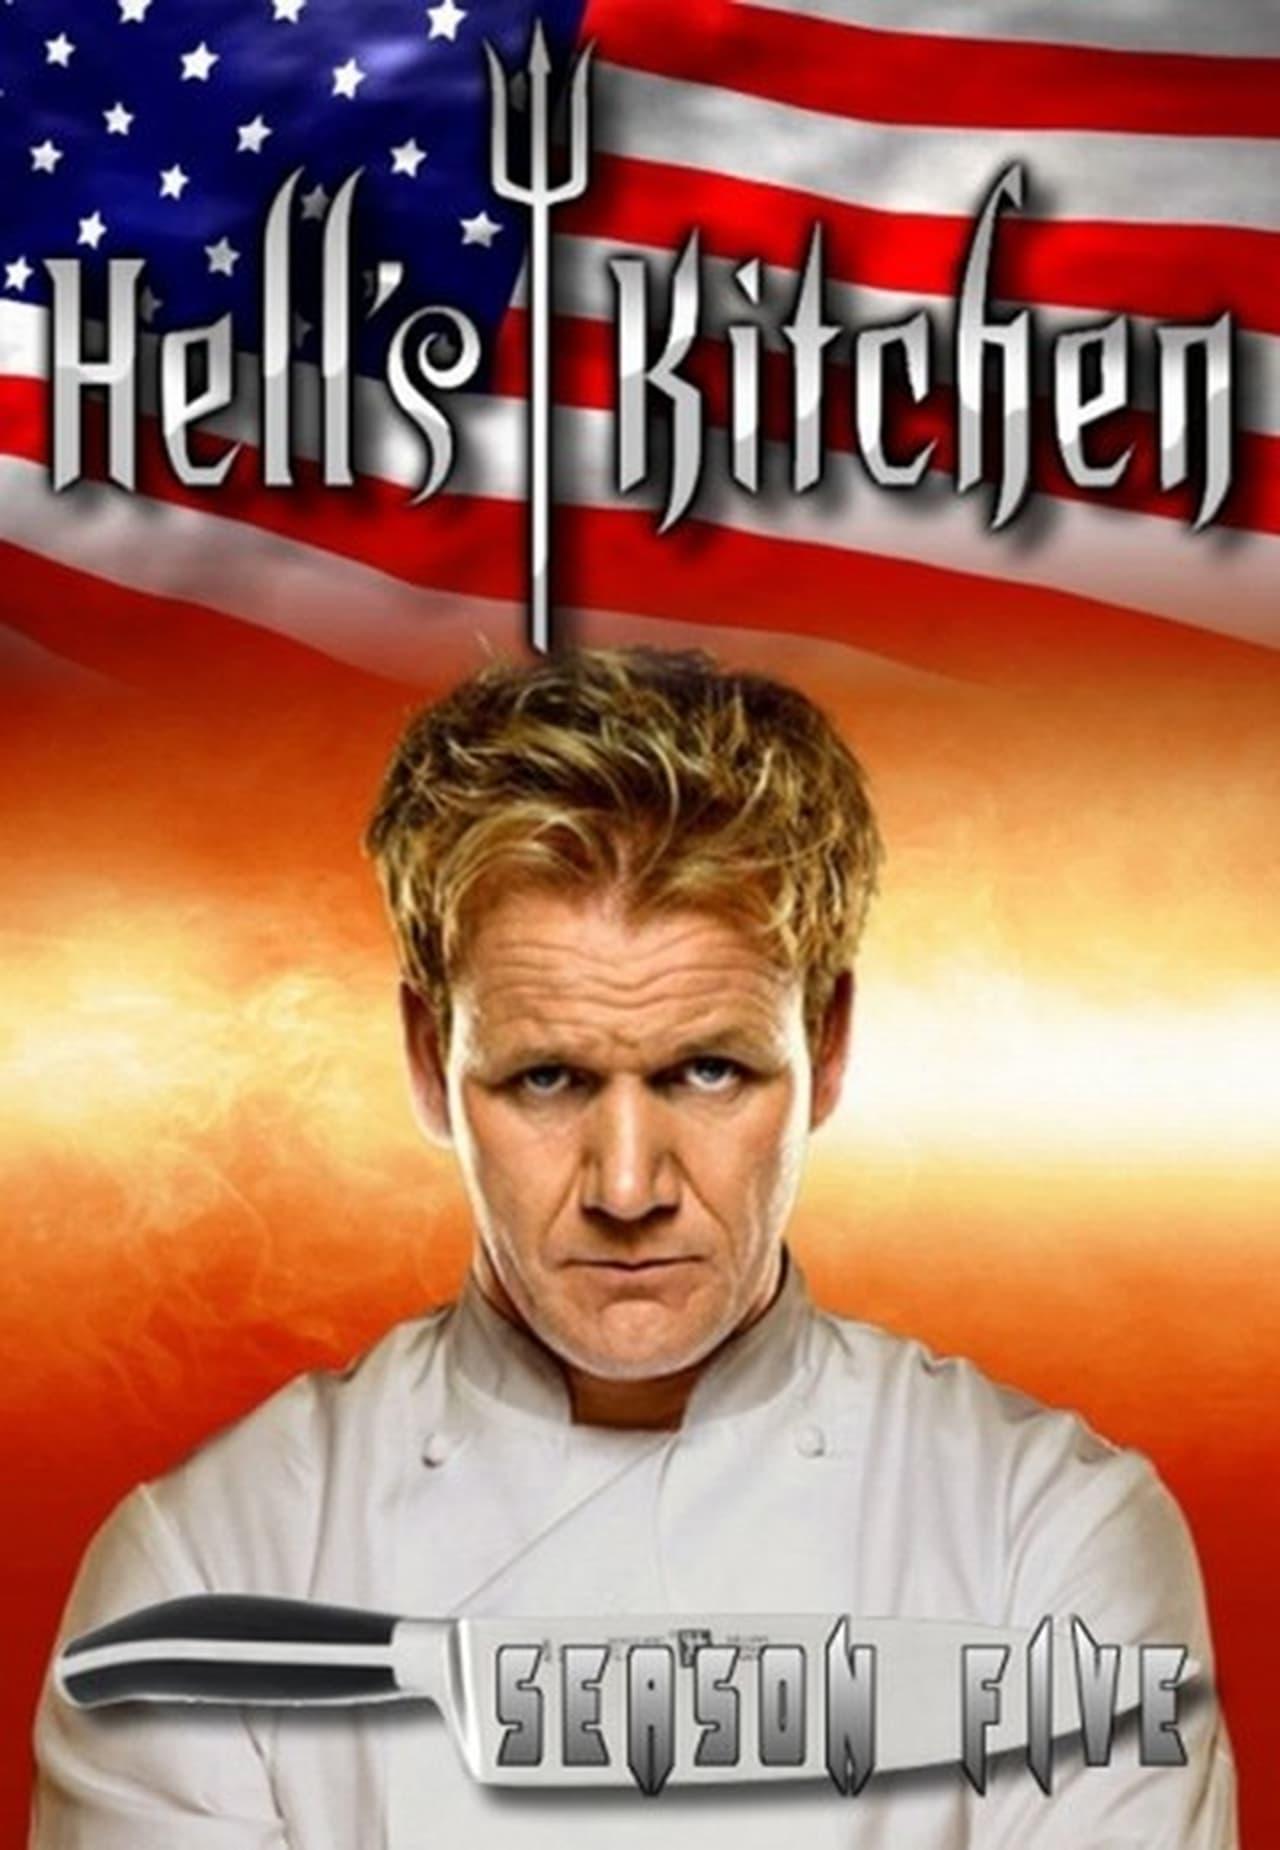 Hell S Kitchen Watch Online Free Putlockers